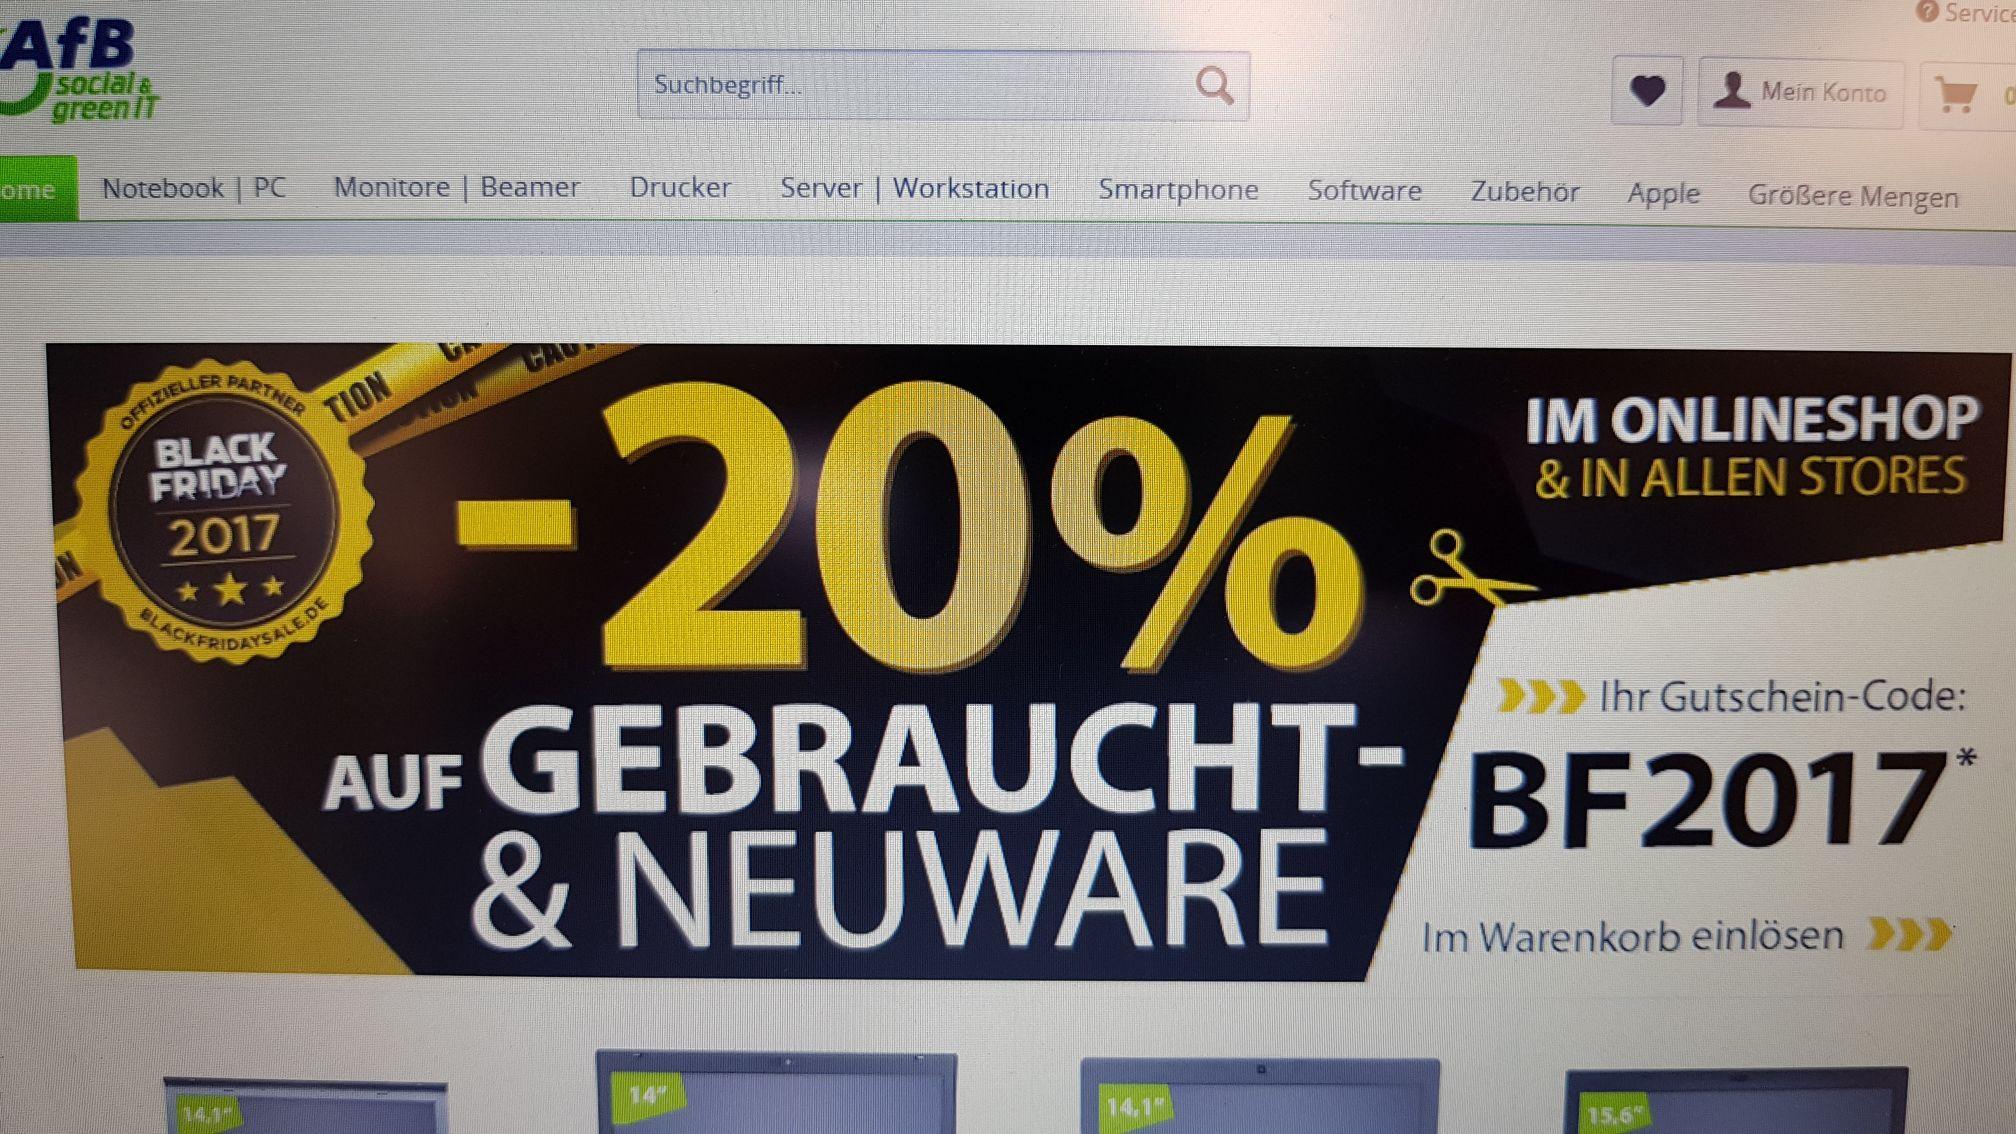 Afb-shop.de Social& green IT Gemeinnütziger Shop